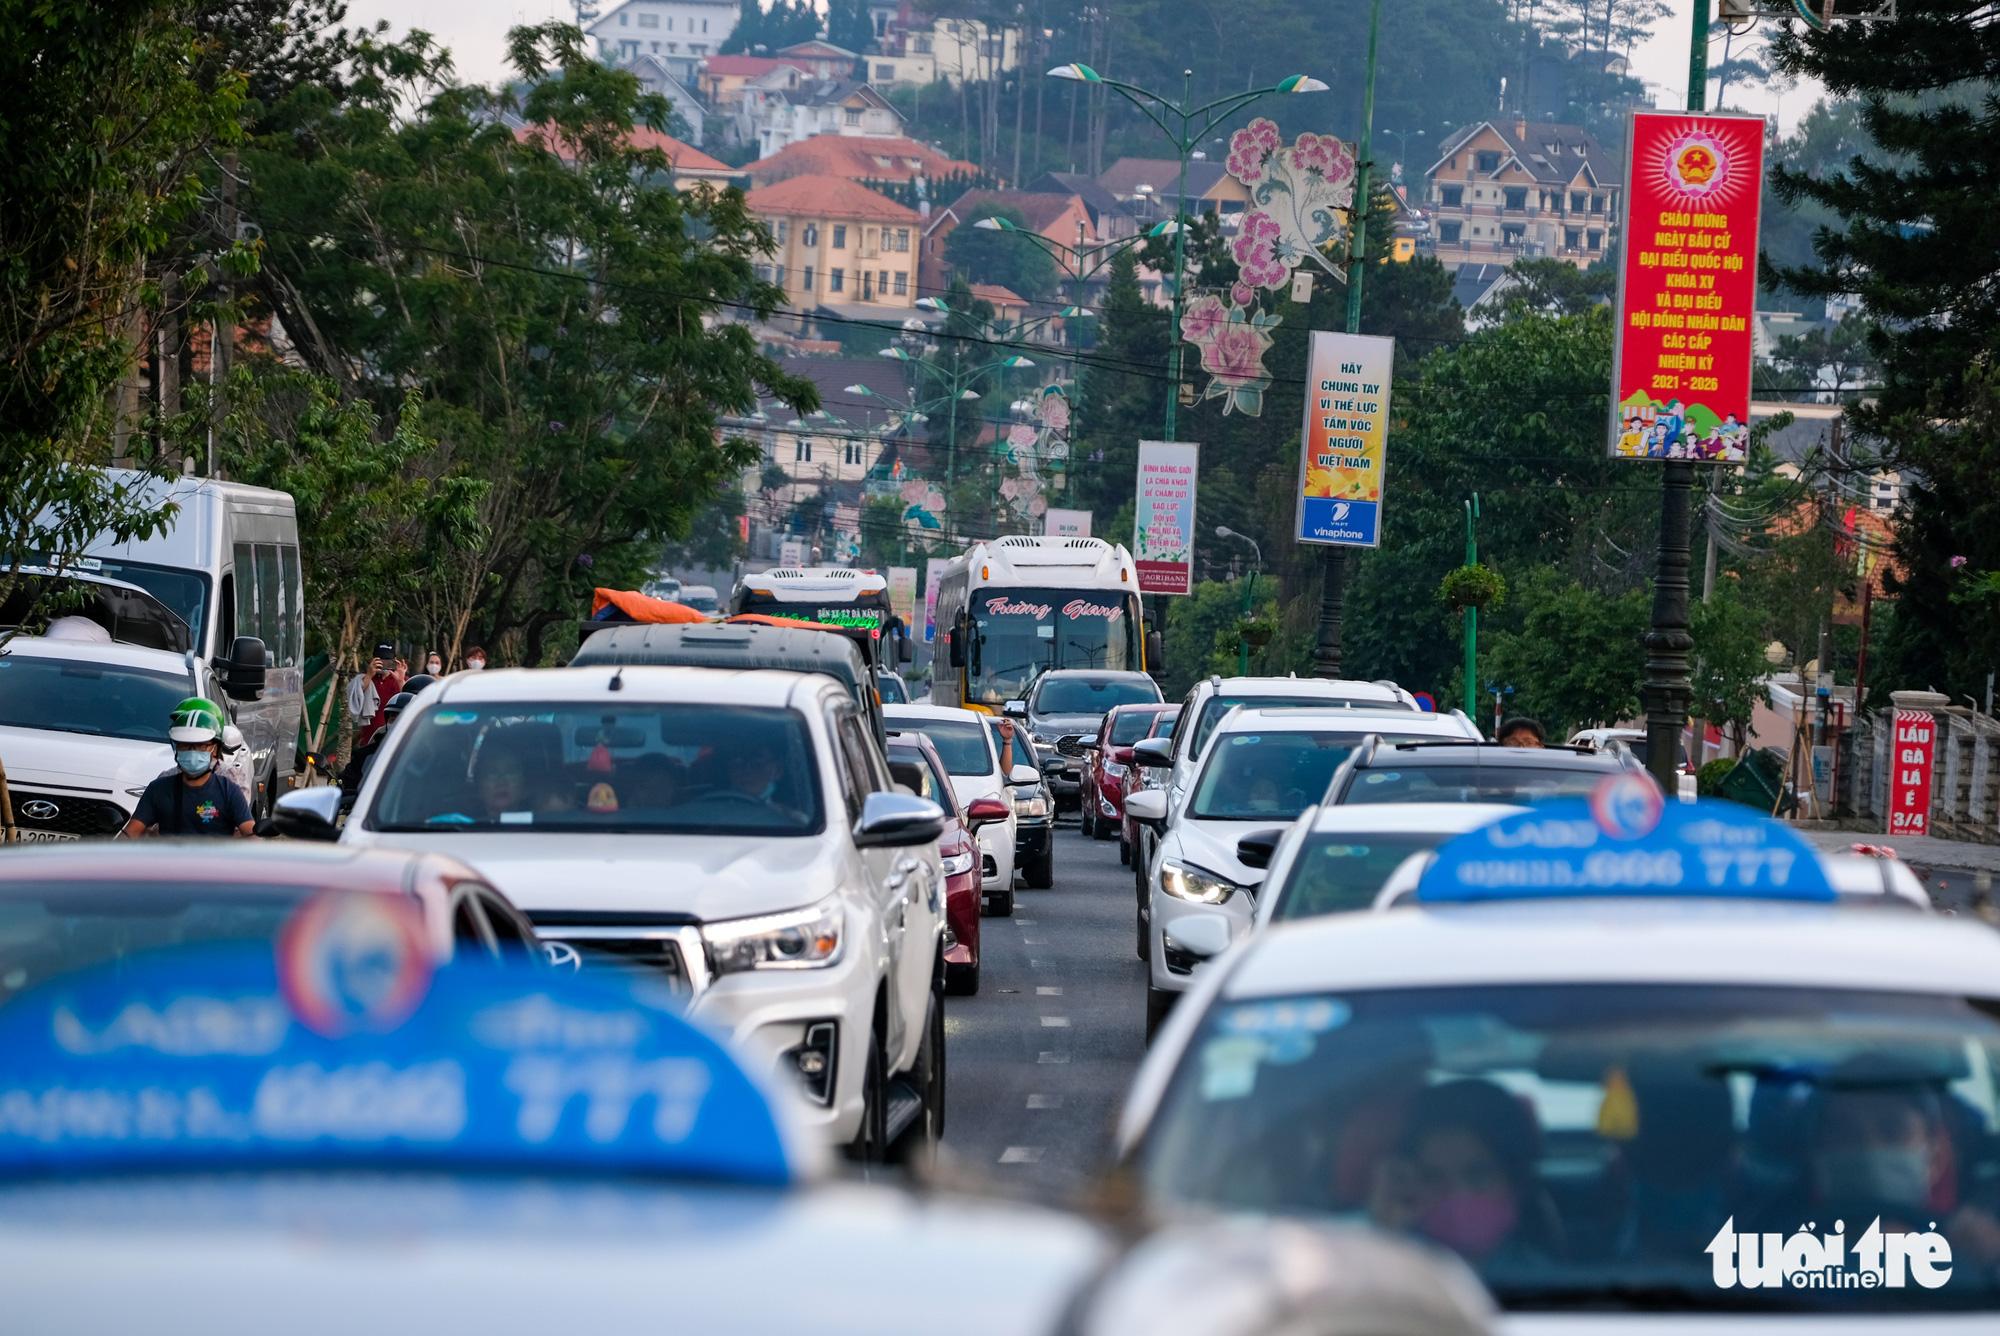 Rời Đà Lạt về TP.HCM nên chọn tỉnh lộ 725 để tránh đèo Bảo Lộc - Ảnh 4.